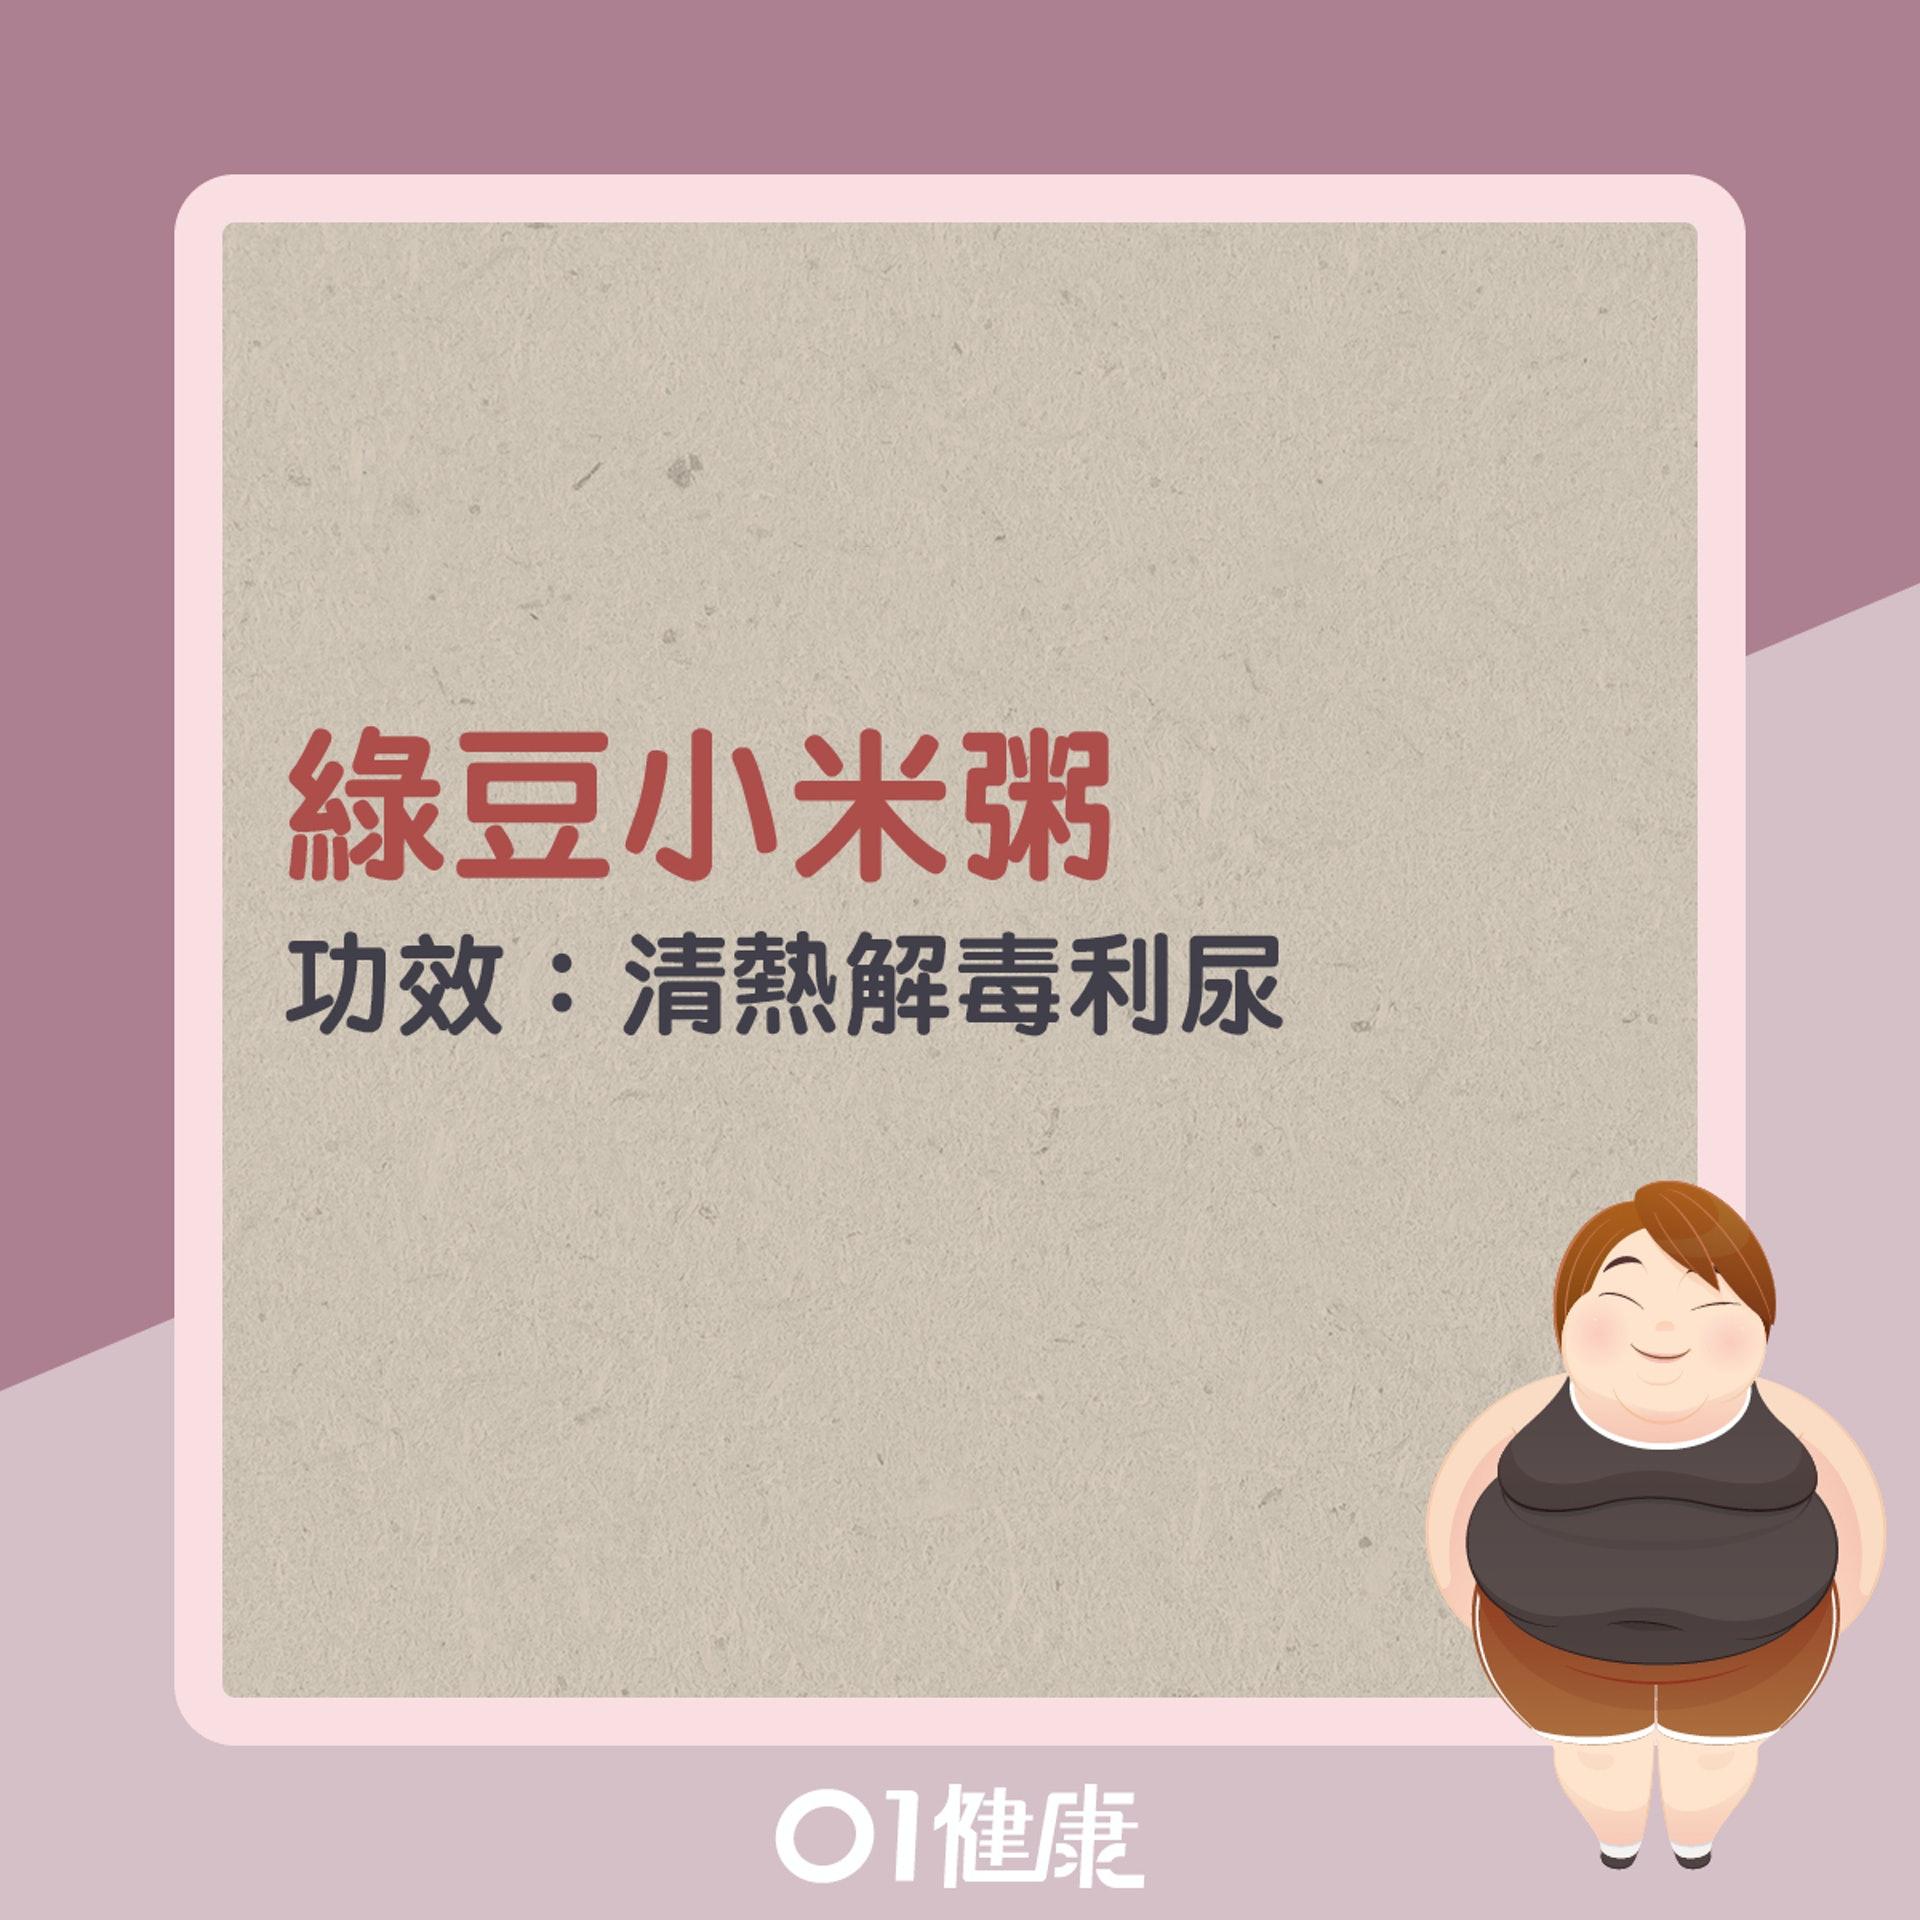 綠豆小米粥(01製圖)